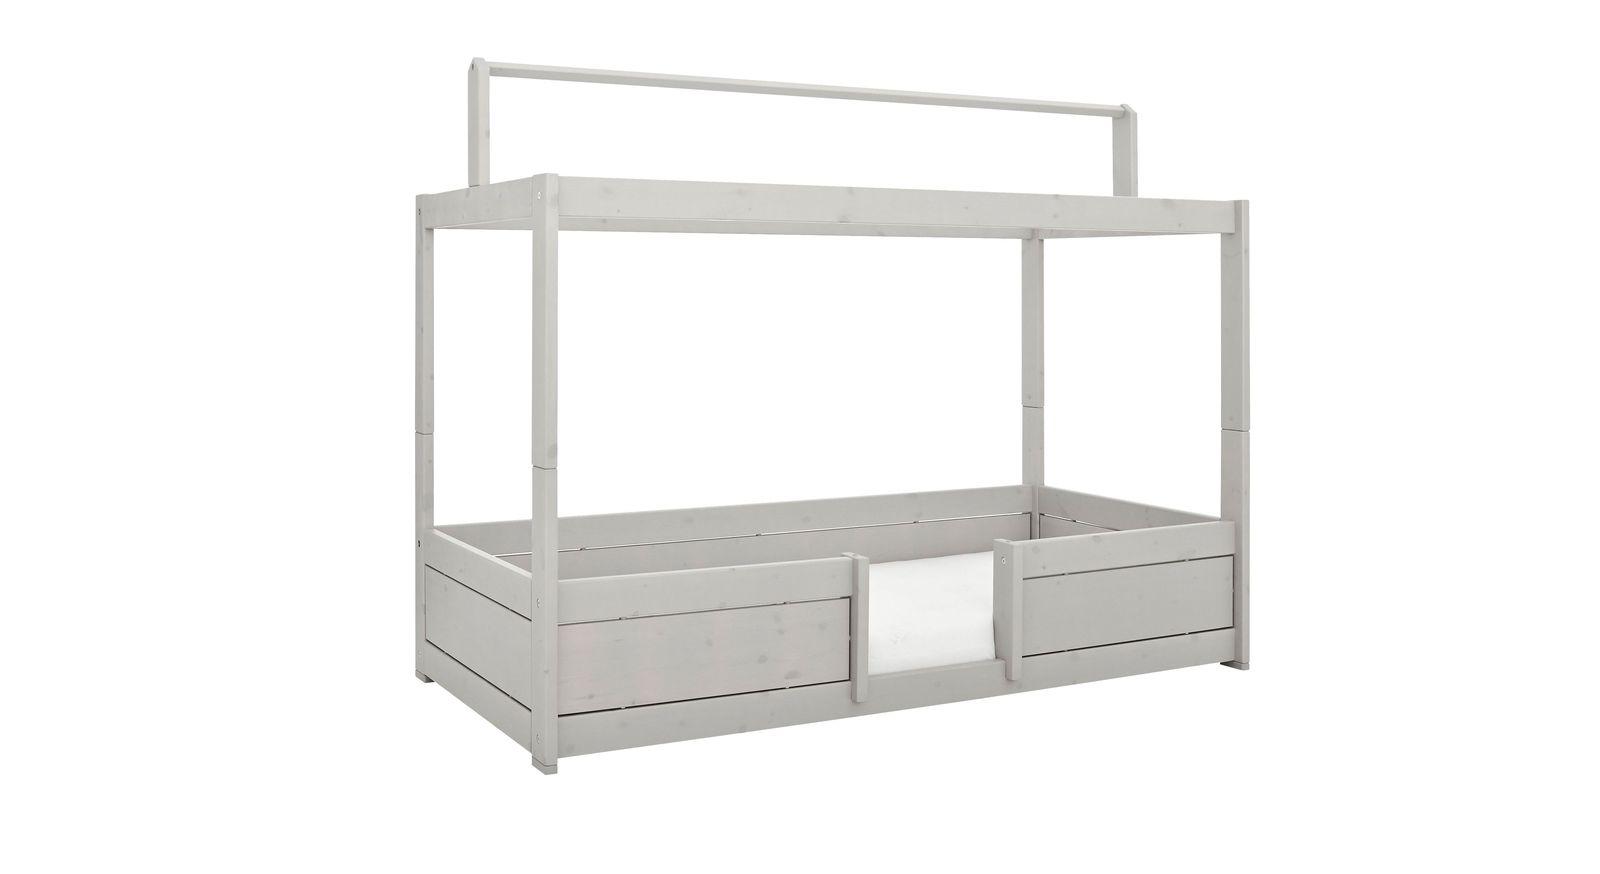 LIFETIME Kinderbetten 4-in-1 mit Dachfirst aus grau lasierter Kiefer